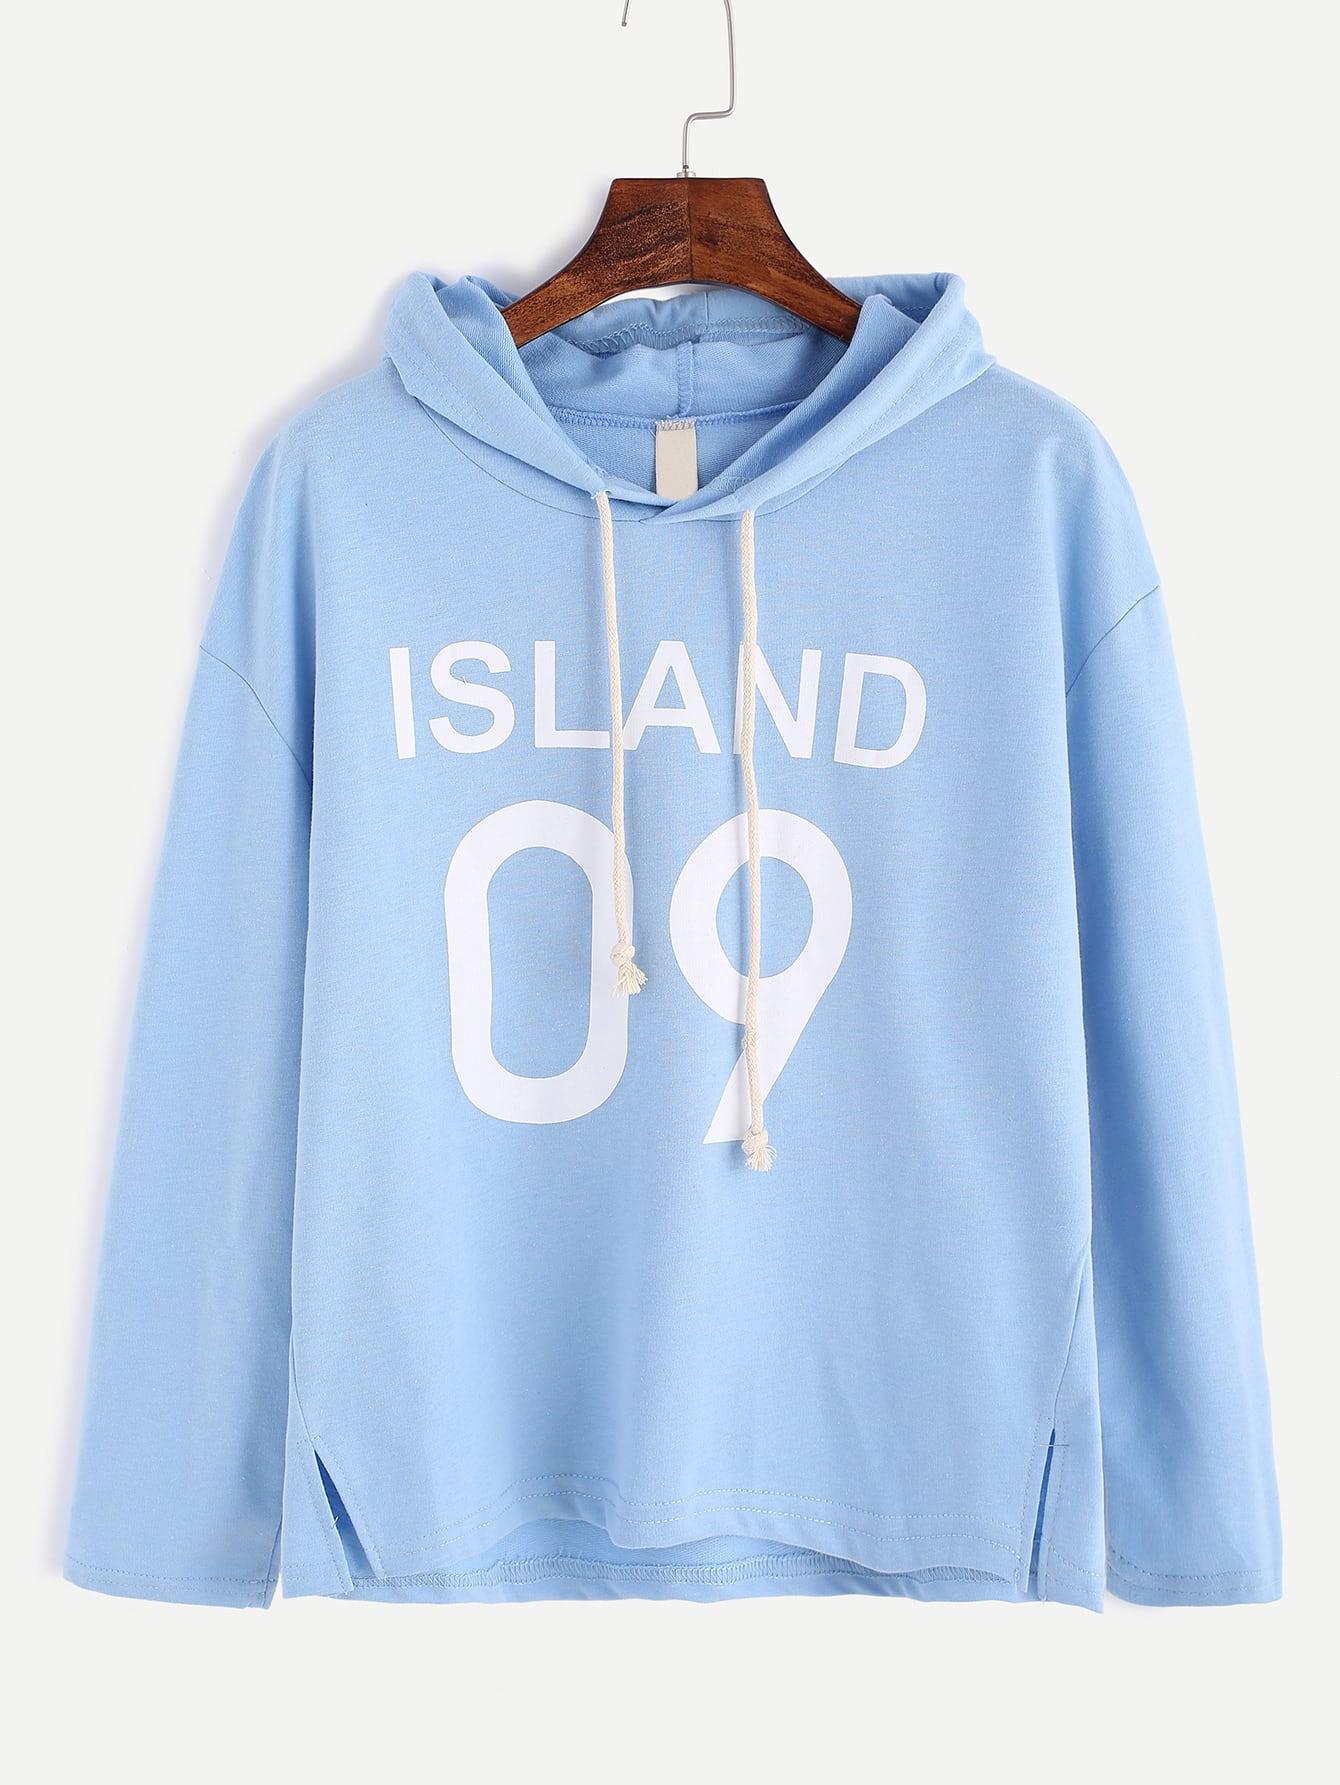 Blue Letter Print Slit Side Hooded T-shirt tee161019001